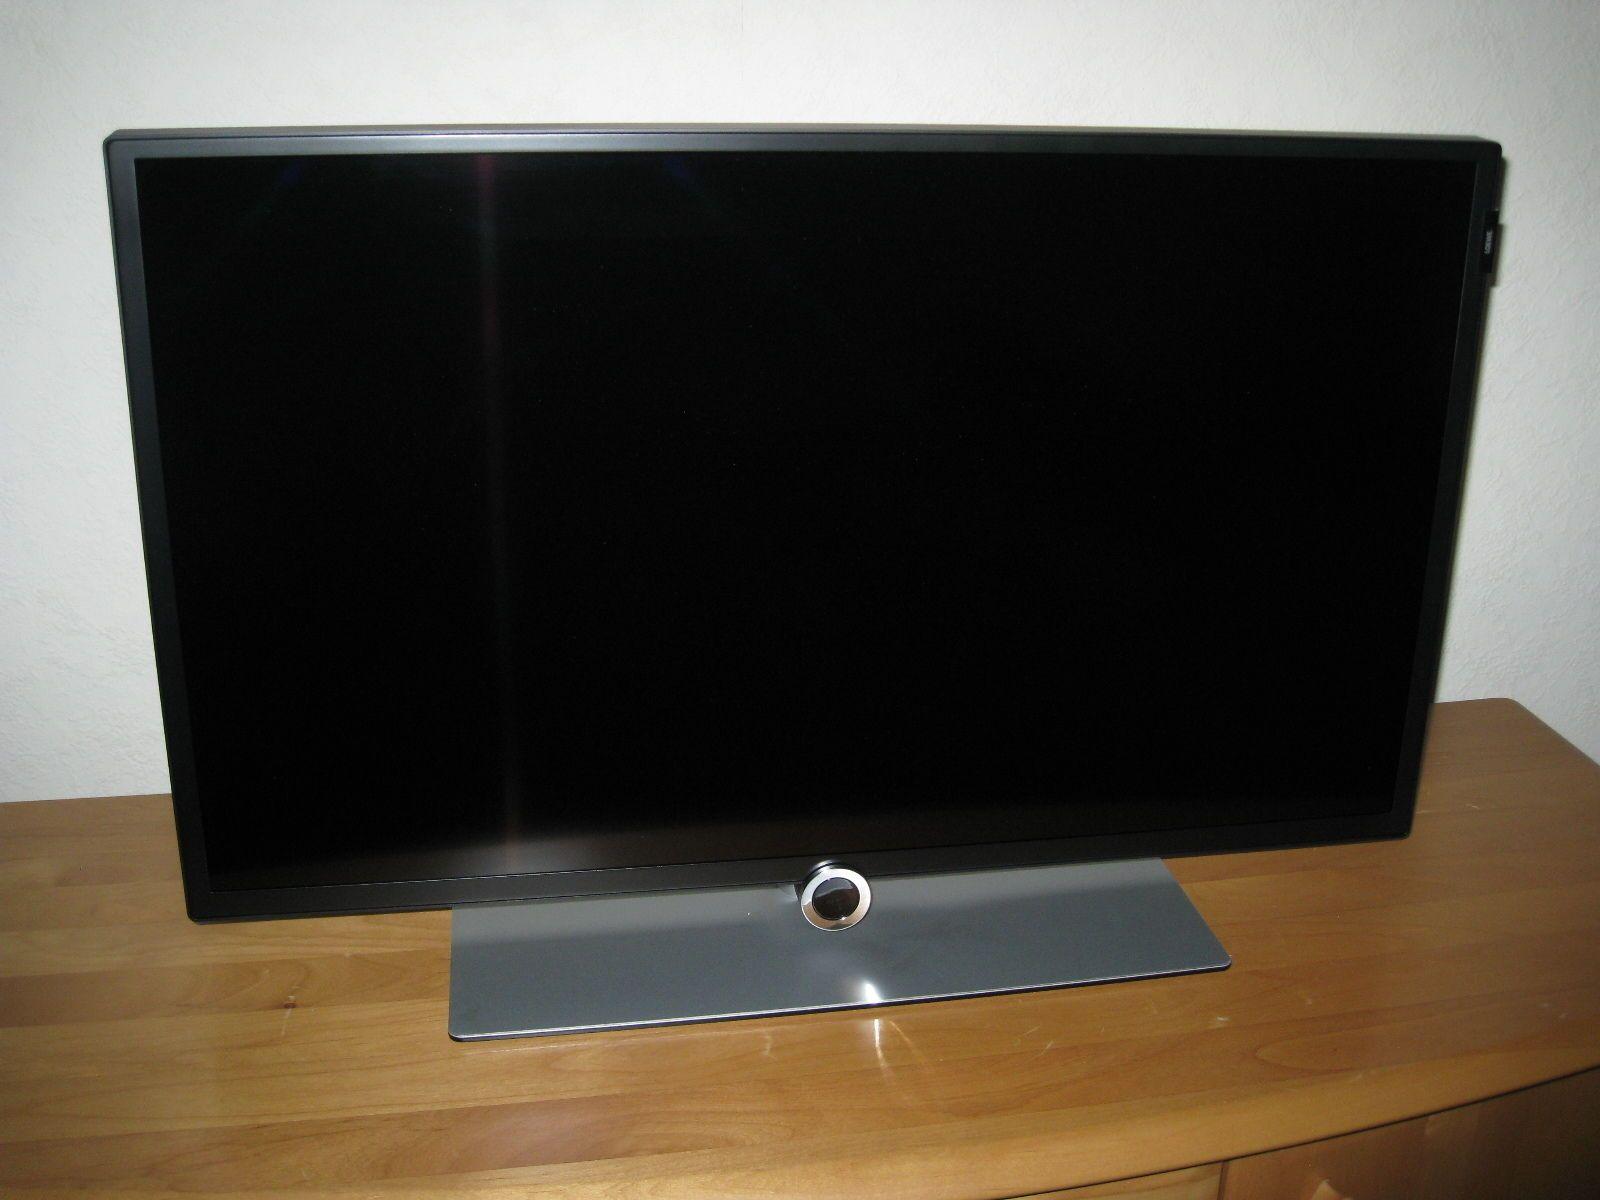 Loewe bild 1.32 black | Loewe and Tv videos